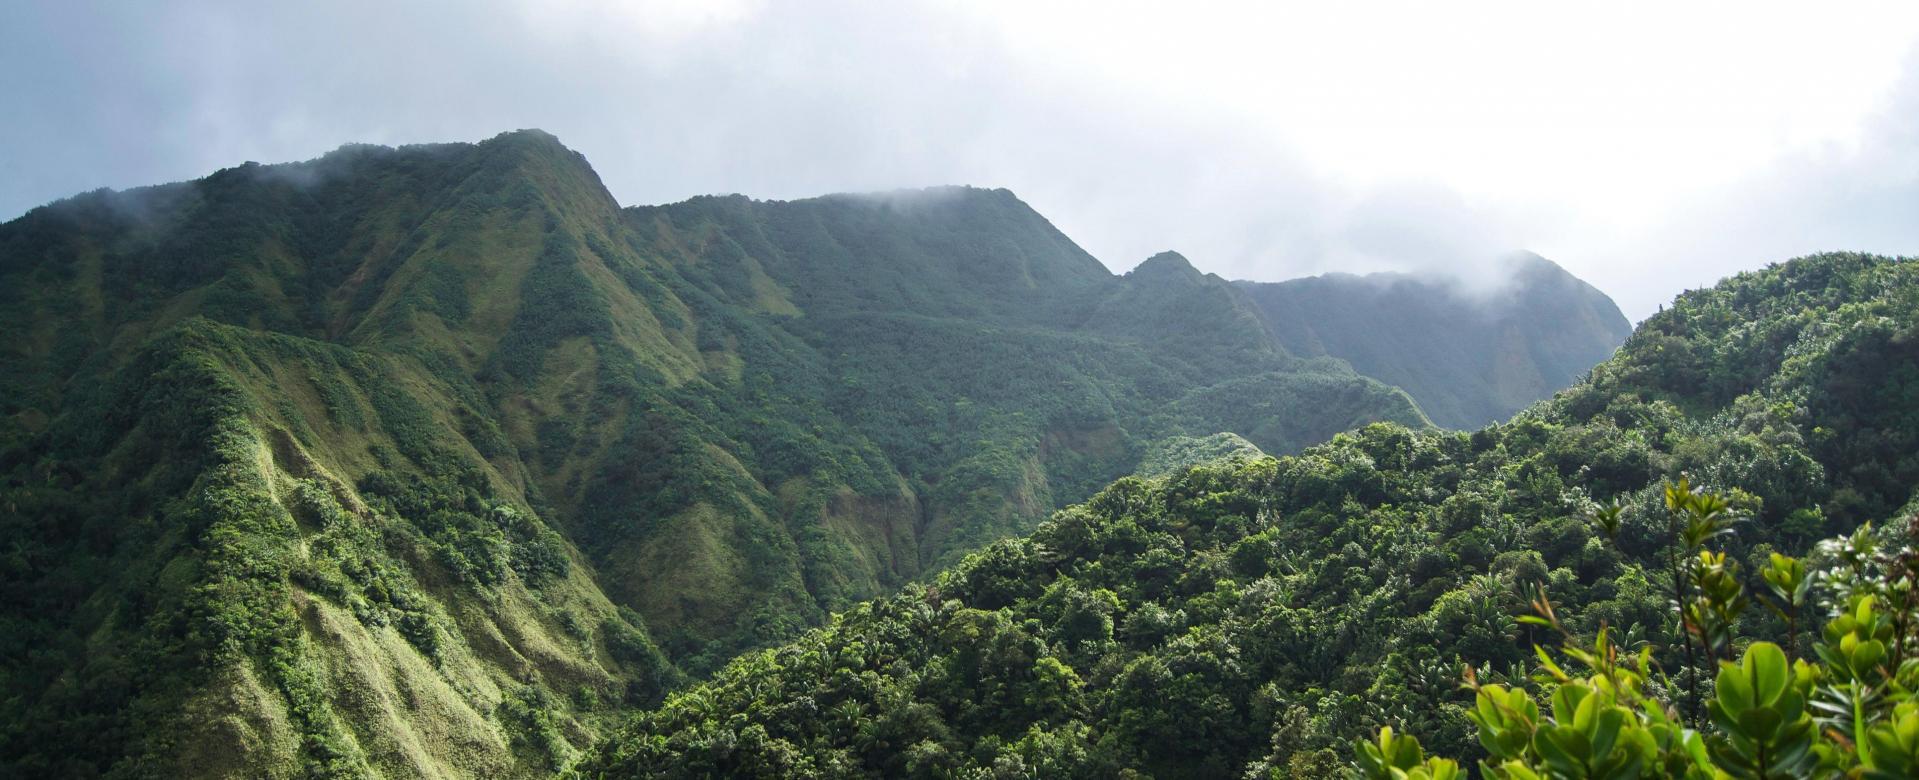 Voyage à pied : Le trek l\'gendaire waitukubuli